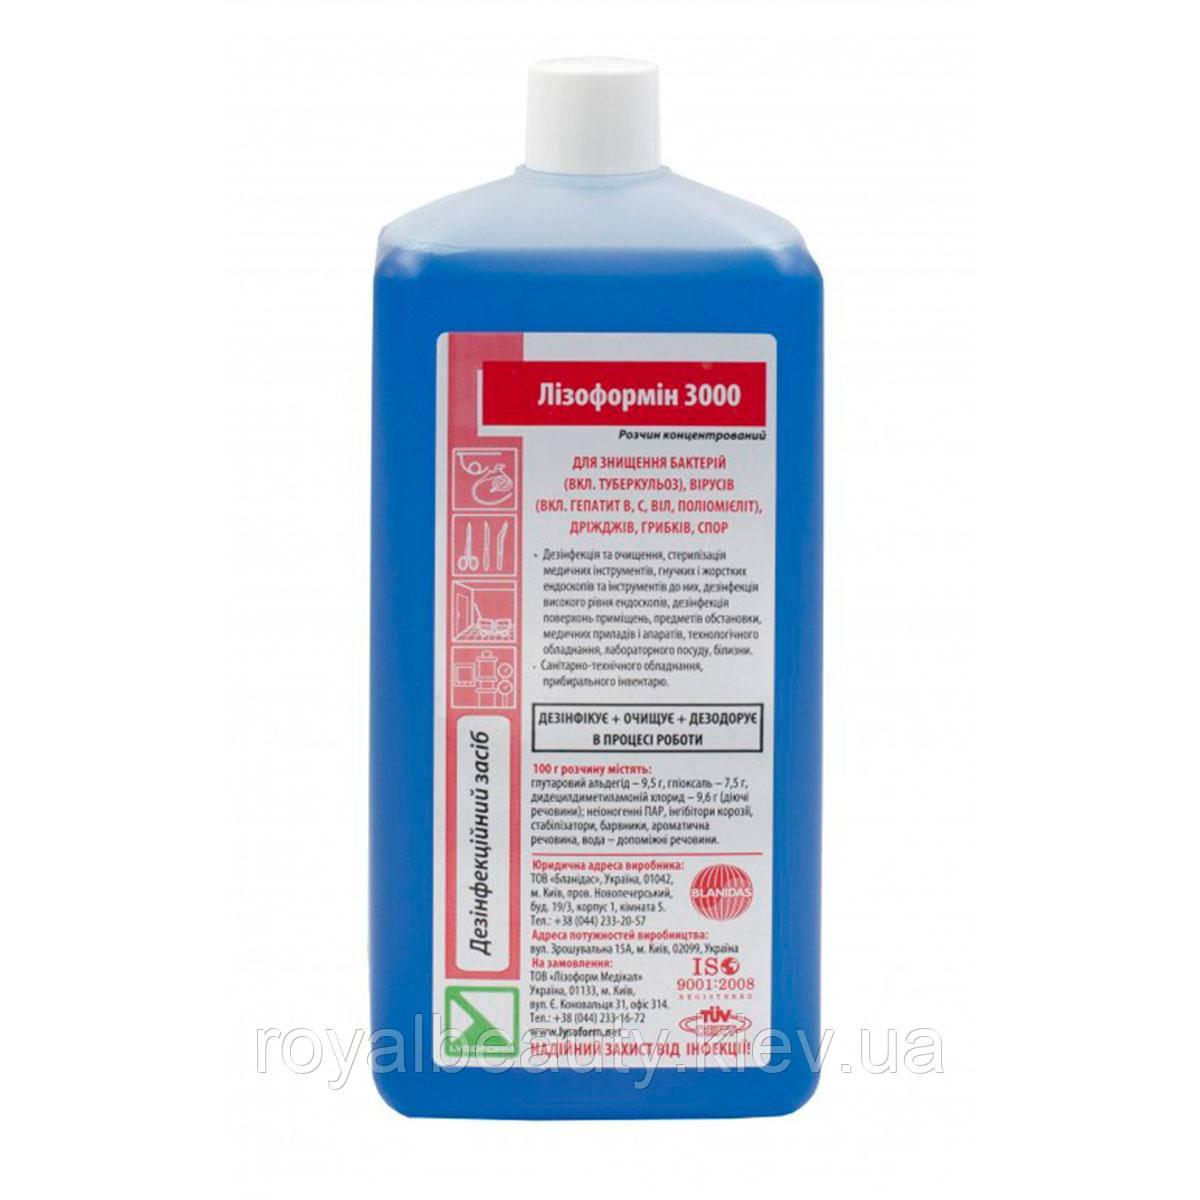 Лизоформин 3000 (для дезинфекции) 1л.